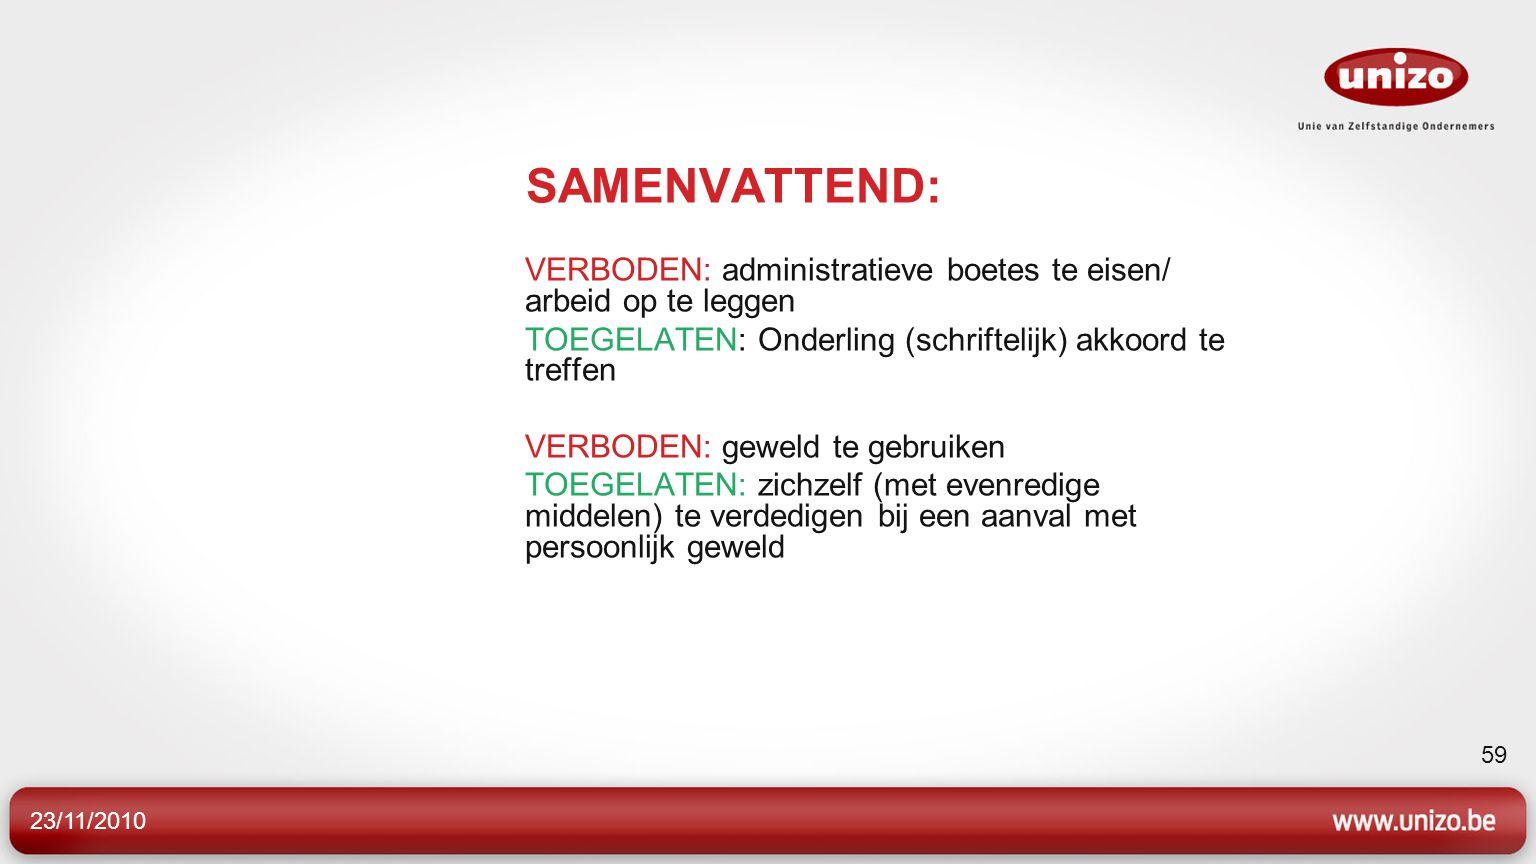 23/11/2010 59 SAMENVATTEND: VERBODEN: administratieve boetes te eisen/ arbeid op te leggen TOEGELATEN: Onderling (schriftelijk) akkoord te treffen VER